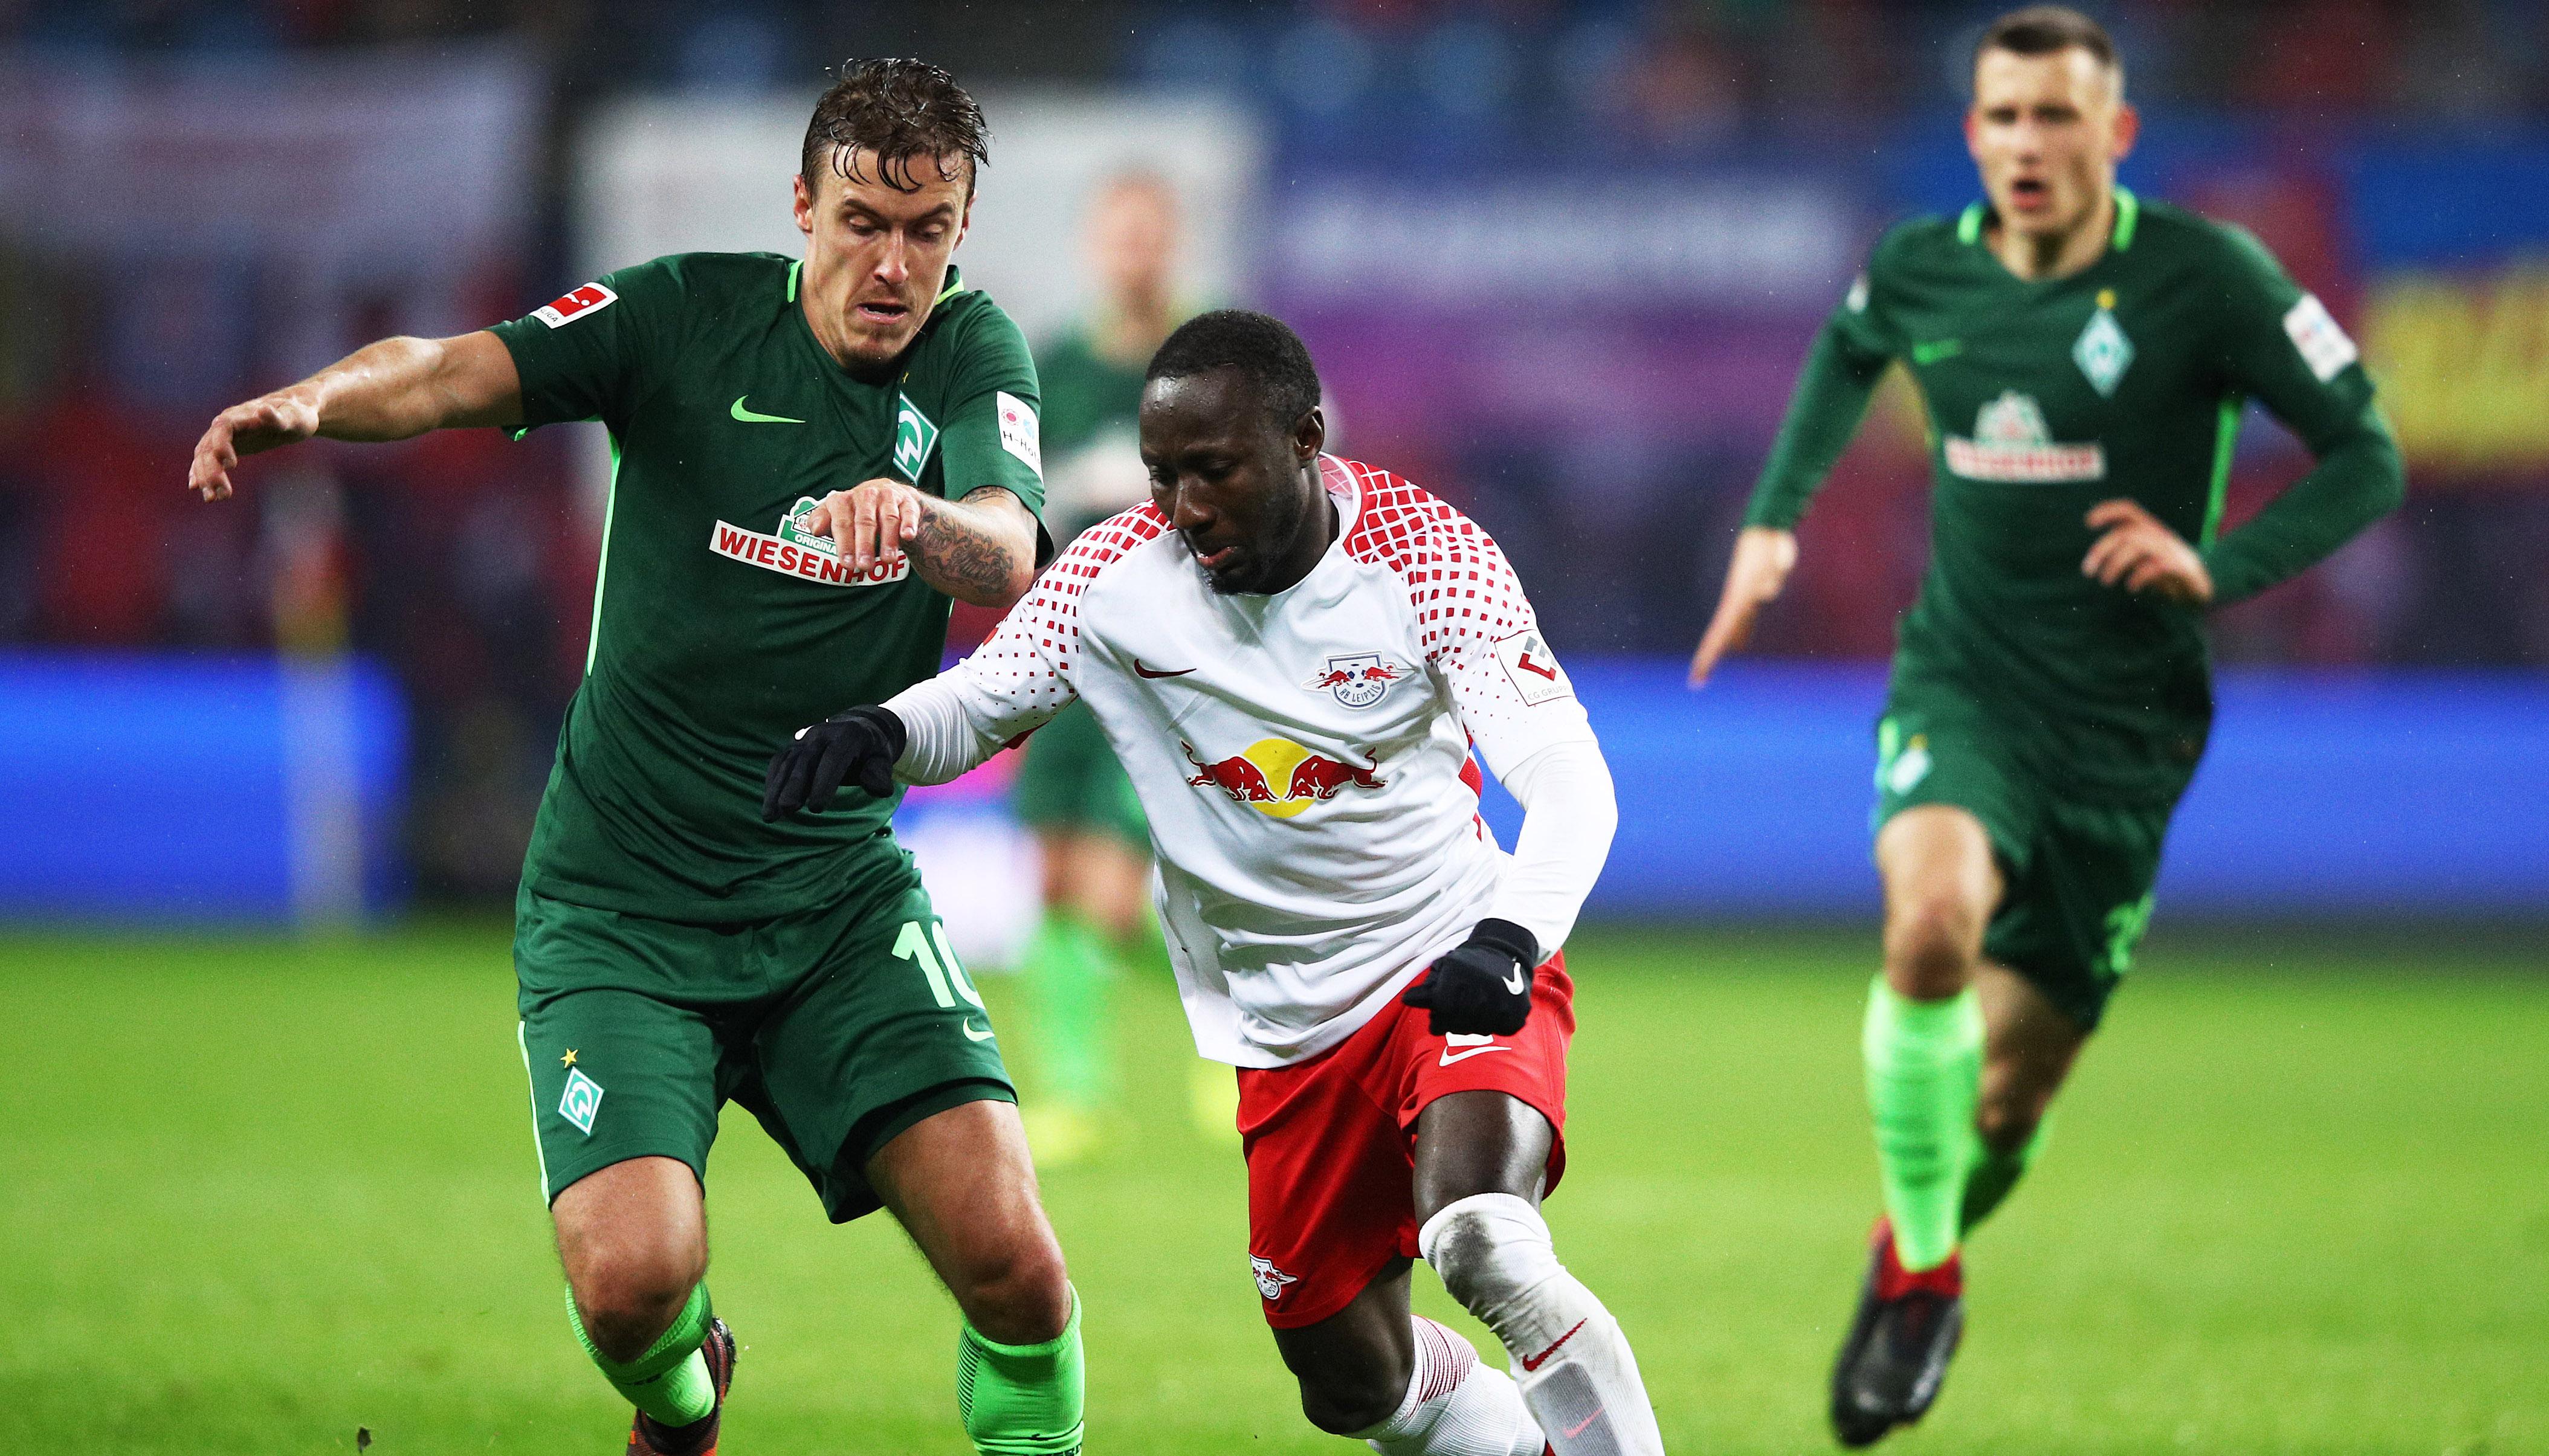 Werder Bremen – RB Leipzig: Abwärtstrends auf hohem Niveau